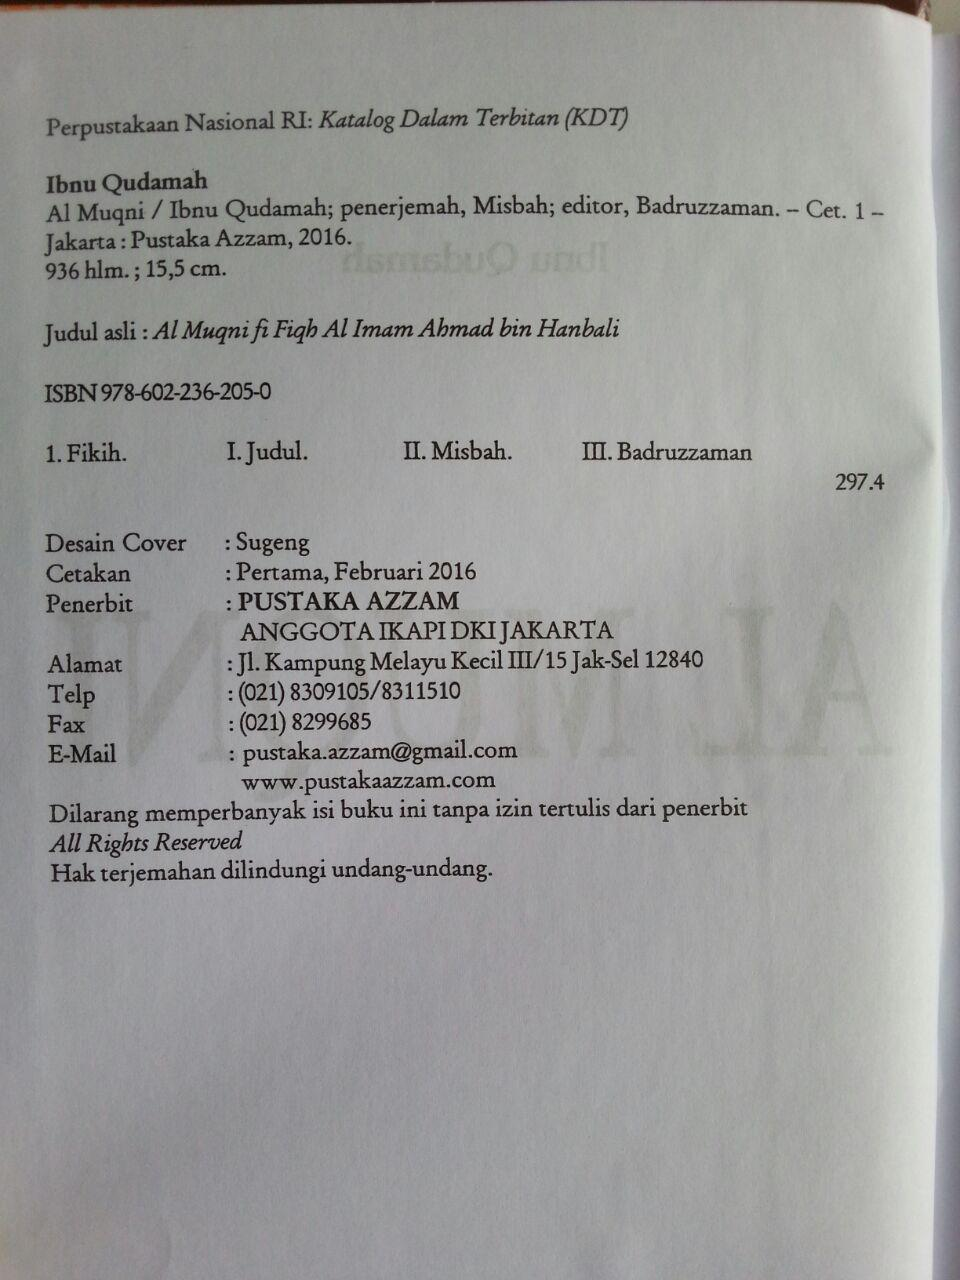 Buku Al-Muqni' Ibnu Qudamah Jilid 1 isi 2